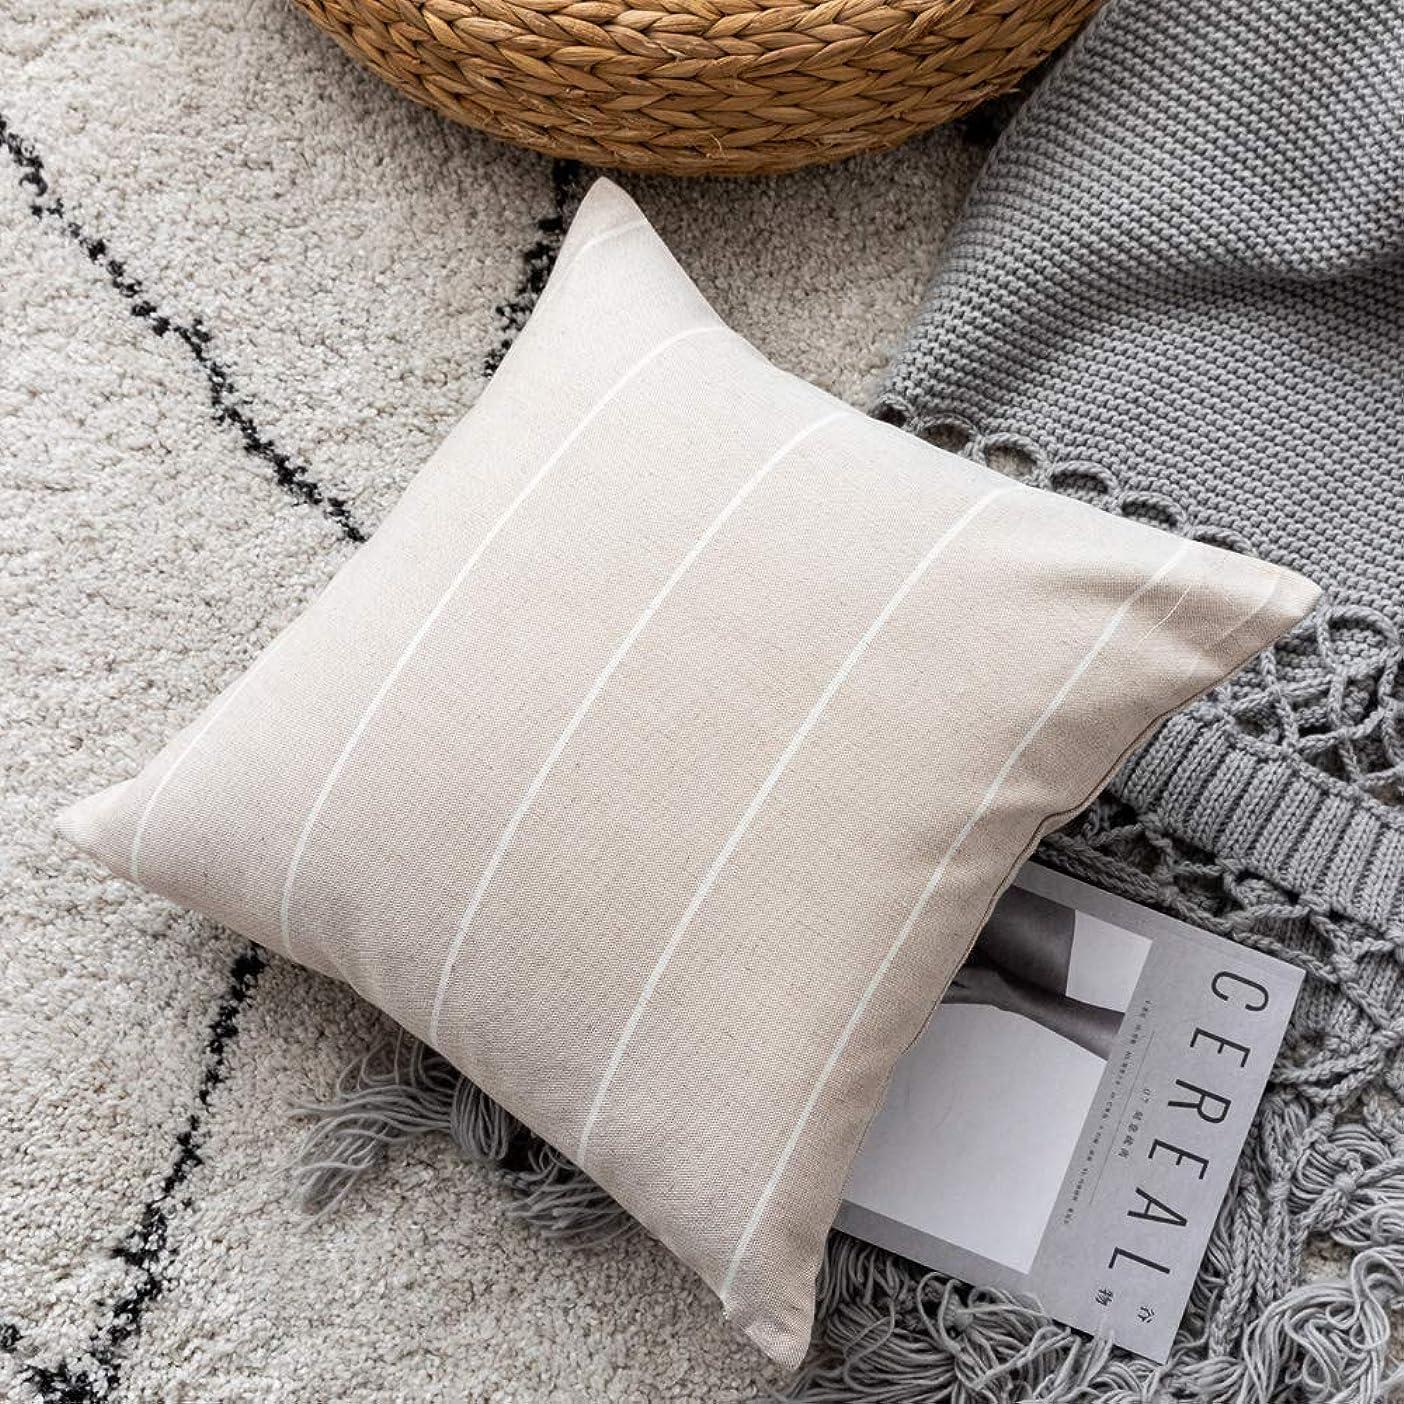 ランデブー責める複雑なクッションカバー45 * 45 cmの正方形のソファーの背中北欧のシンプルなコットンとリネンのファッション装飾的なストライプの枕カバーブラウン1枚